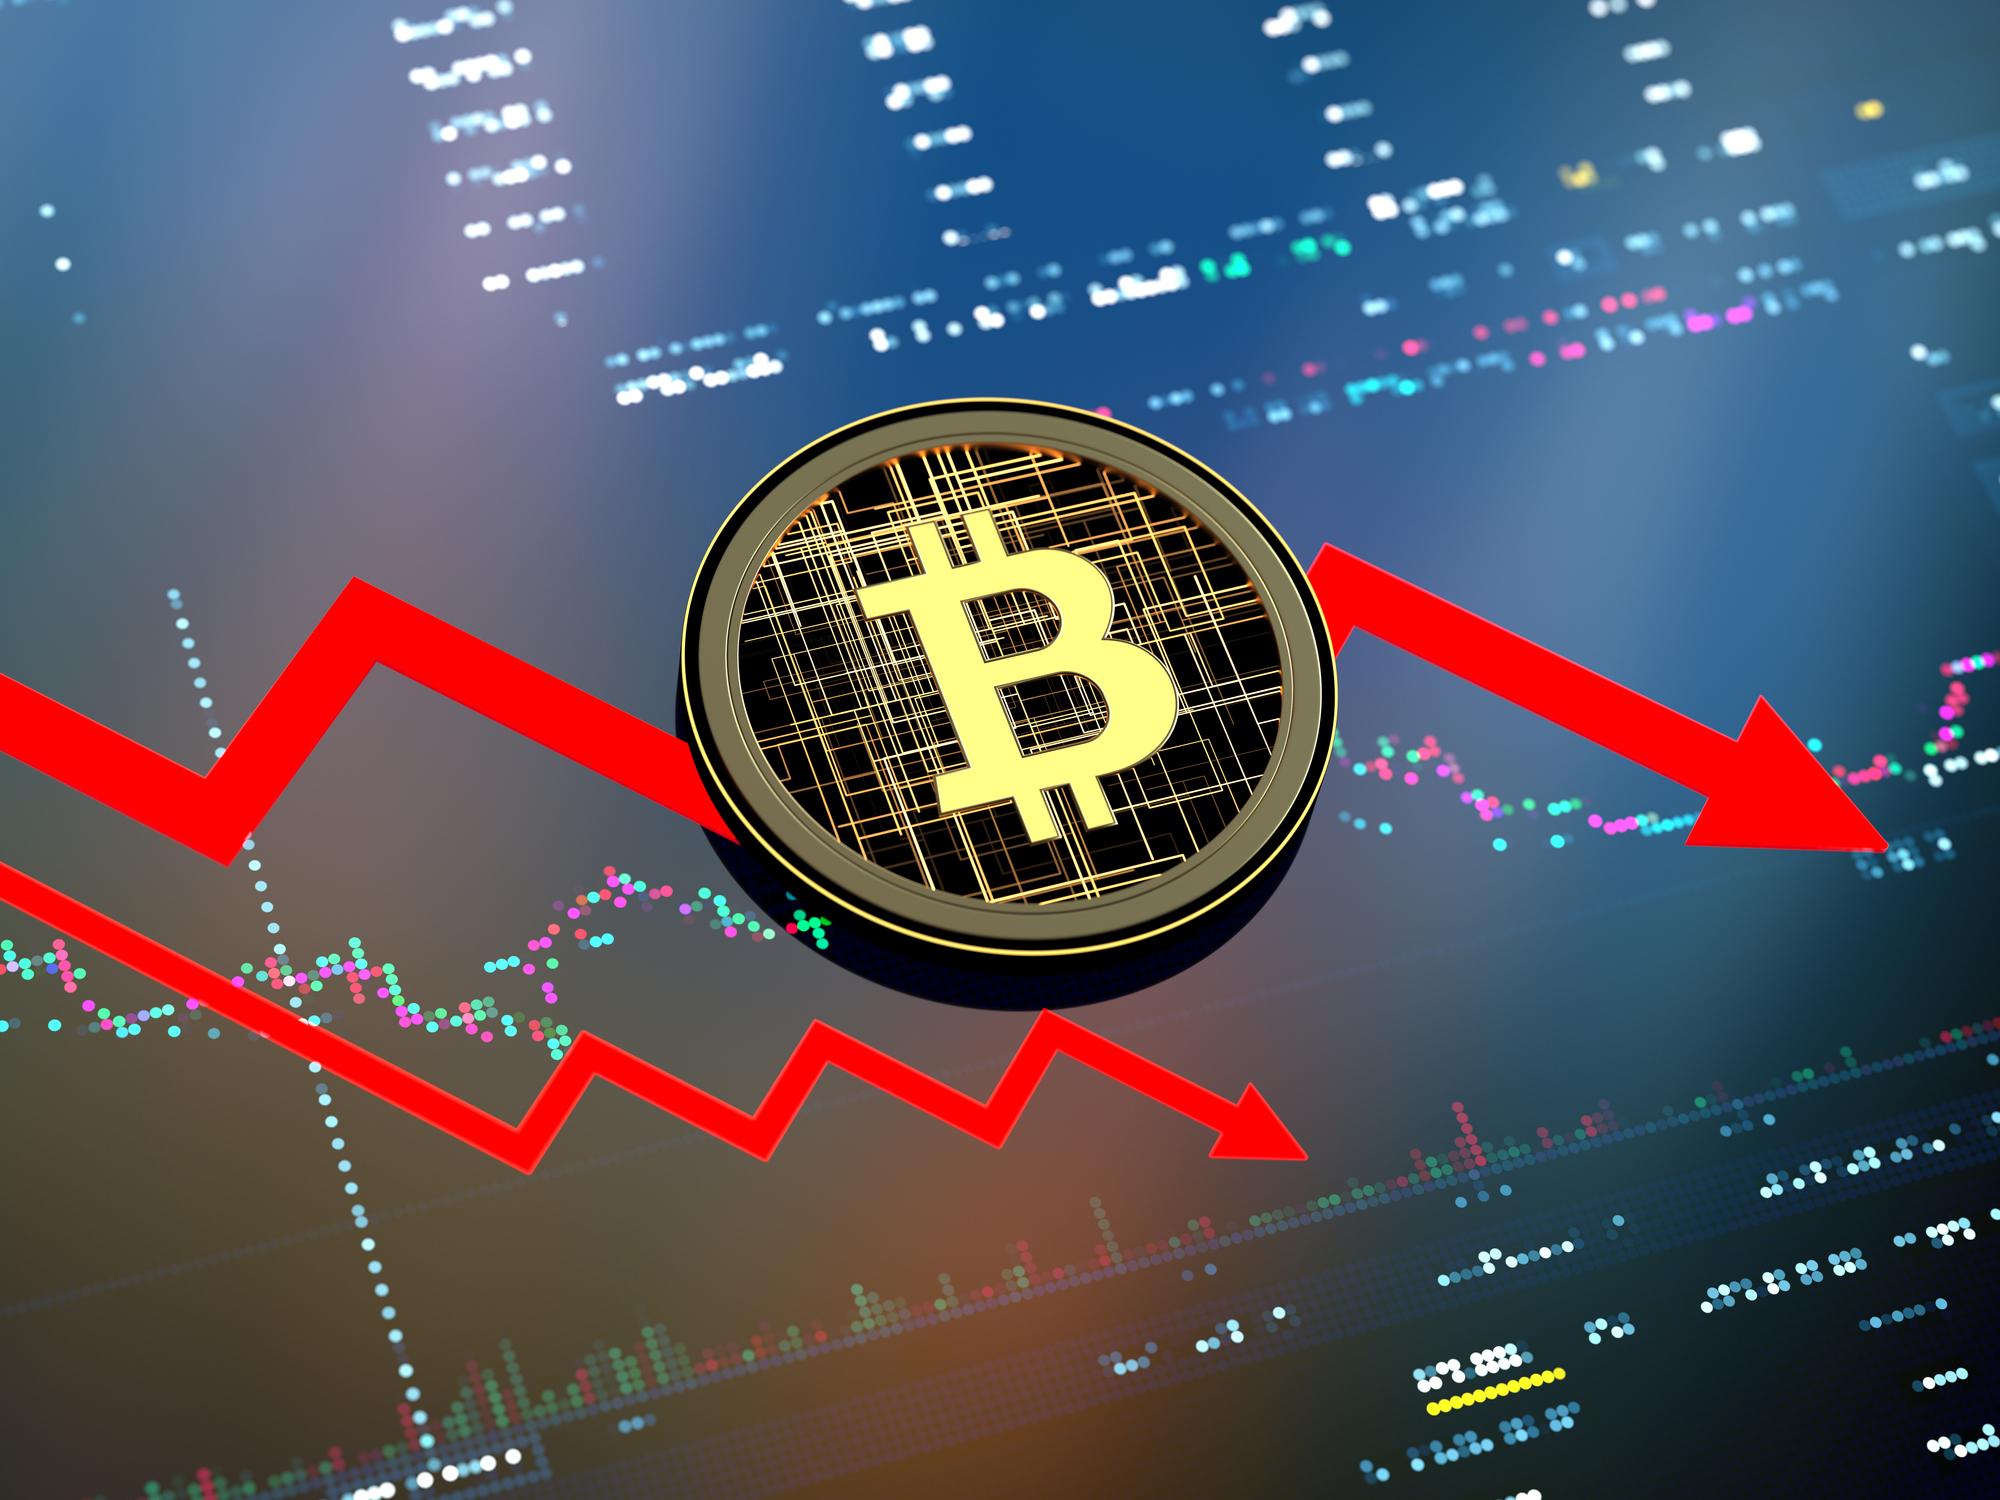 quanto costa bitcoin stock